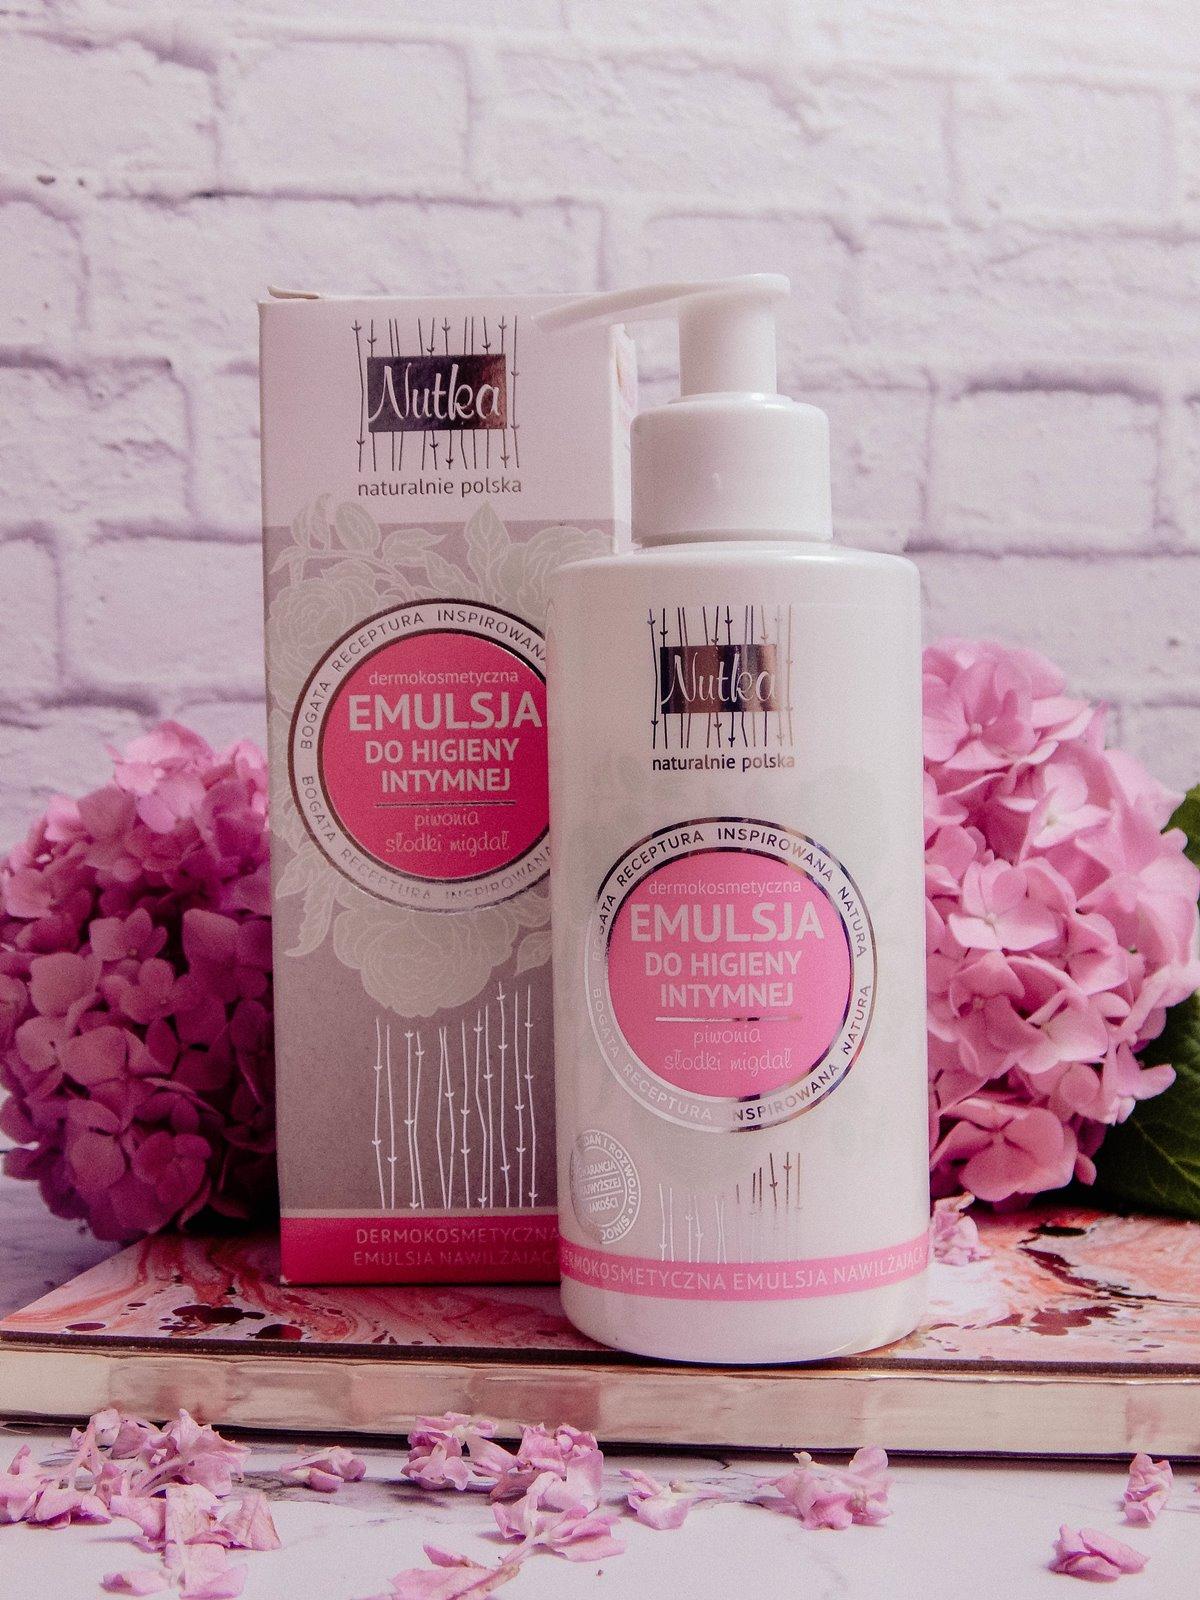 7 recenzja nowości kosmetyczne trico botanica szampon odzywka opinie recenzja pink marshmallow i love balmi recenzja nutka balsam do higieny intymnej okłady maska na oczy rozgrzewająca balsam strawberries and cream seba med